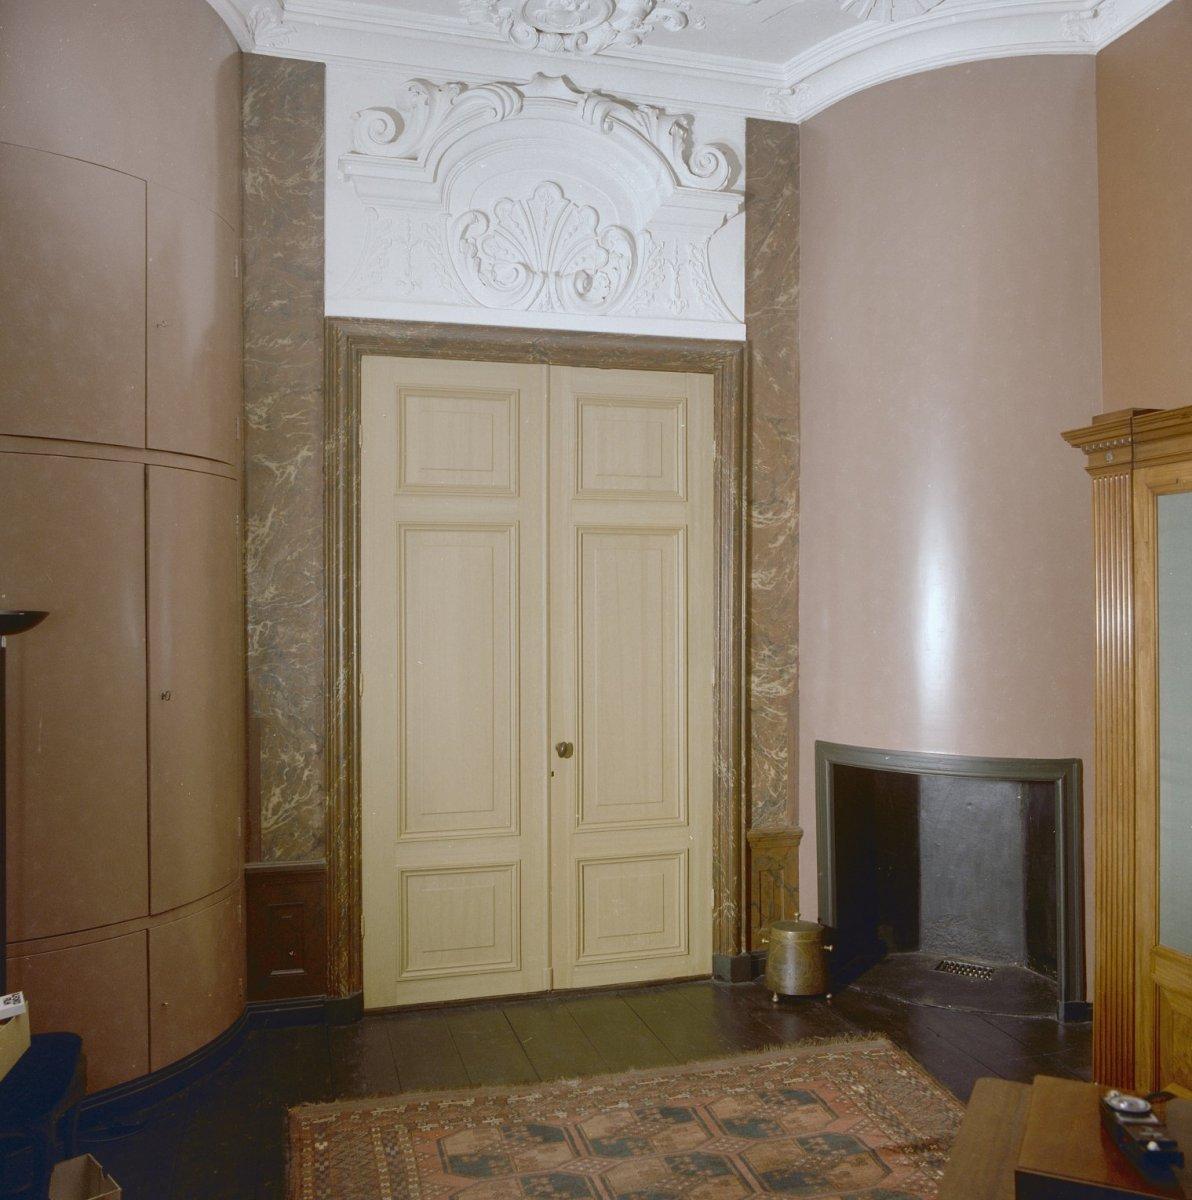 File interieur dubbele deur in achterkamer haarlem for Interieur haarlem